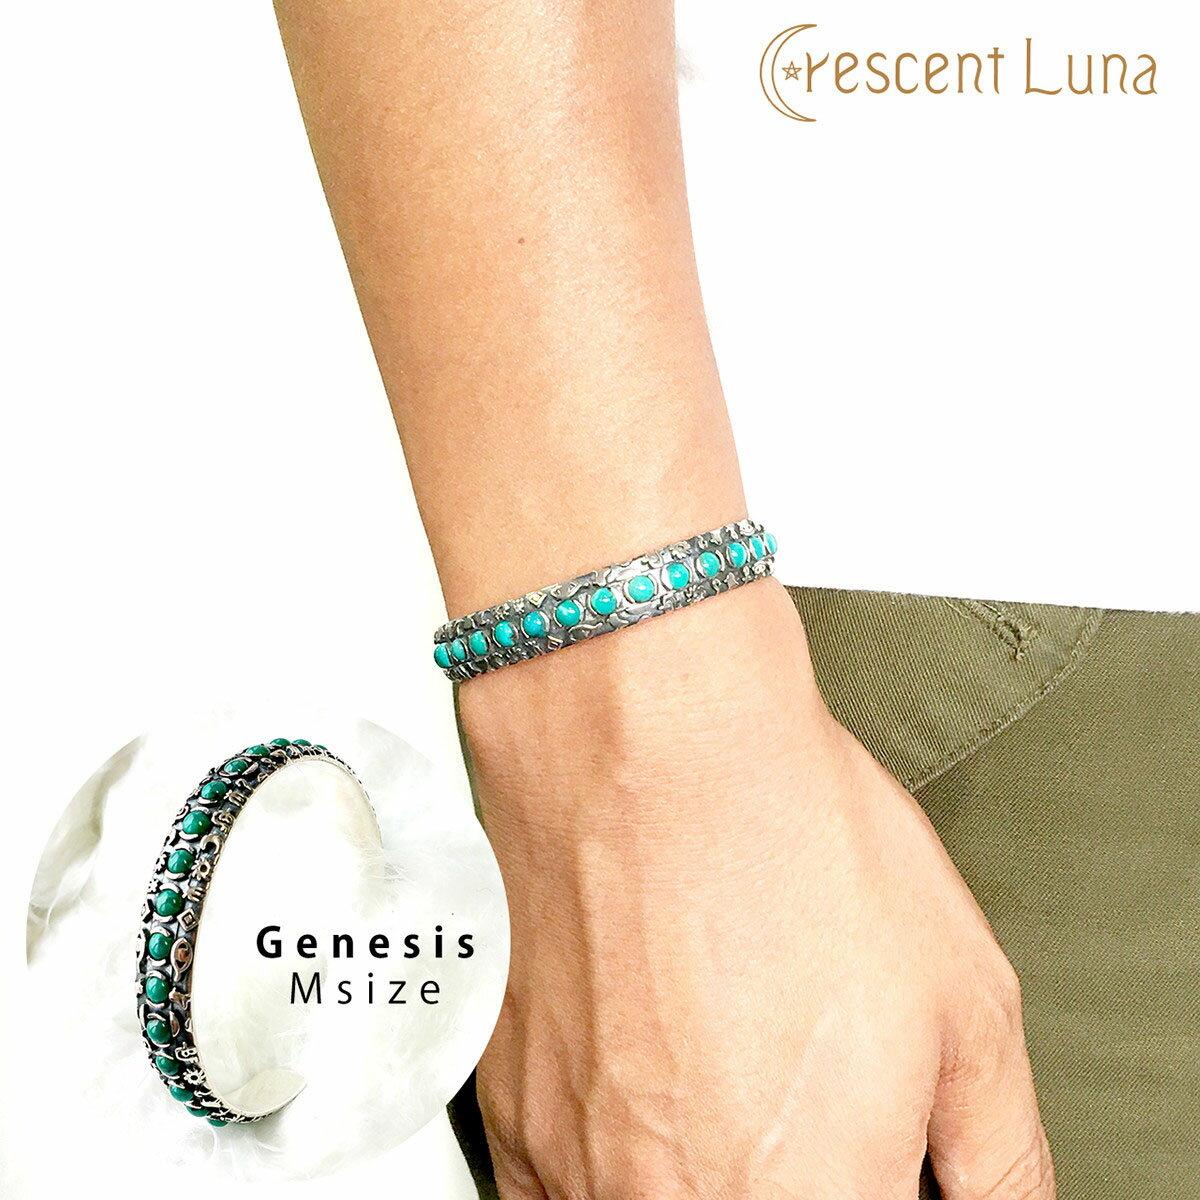 送料無料!CRESCENT LUNA(クレセントルナ) -Genesis- ブレスレット Mサイズ /アクセサリー/メンズ/レディース